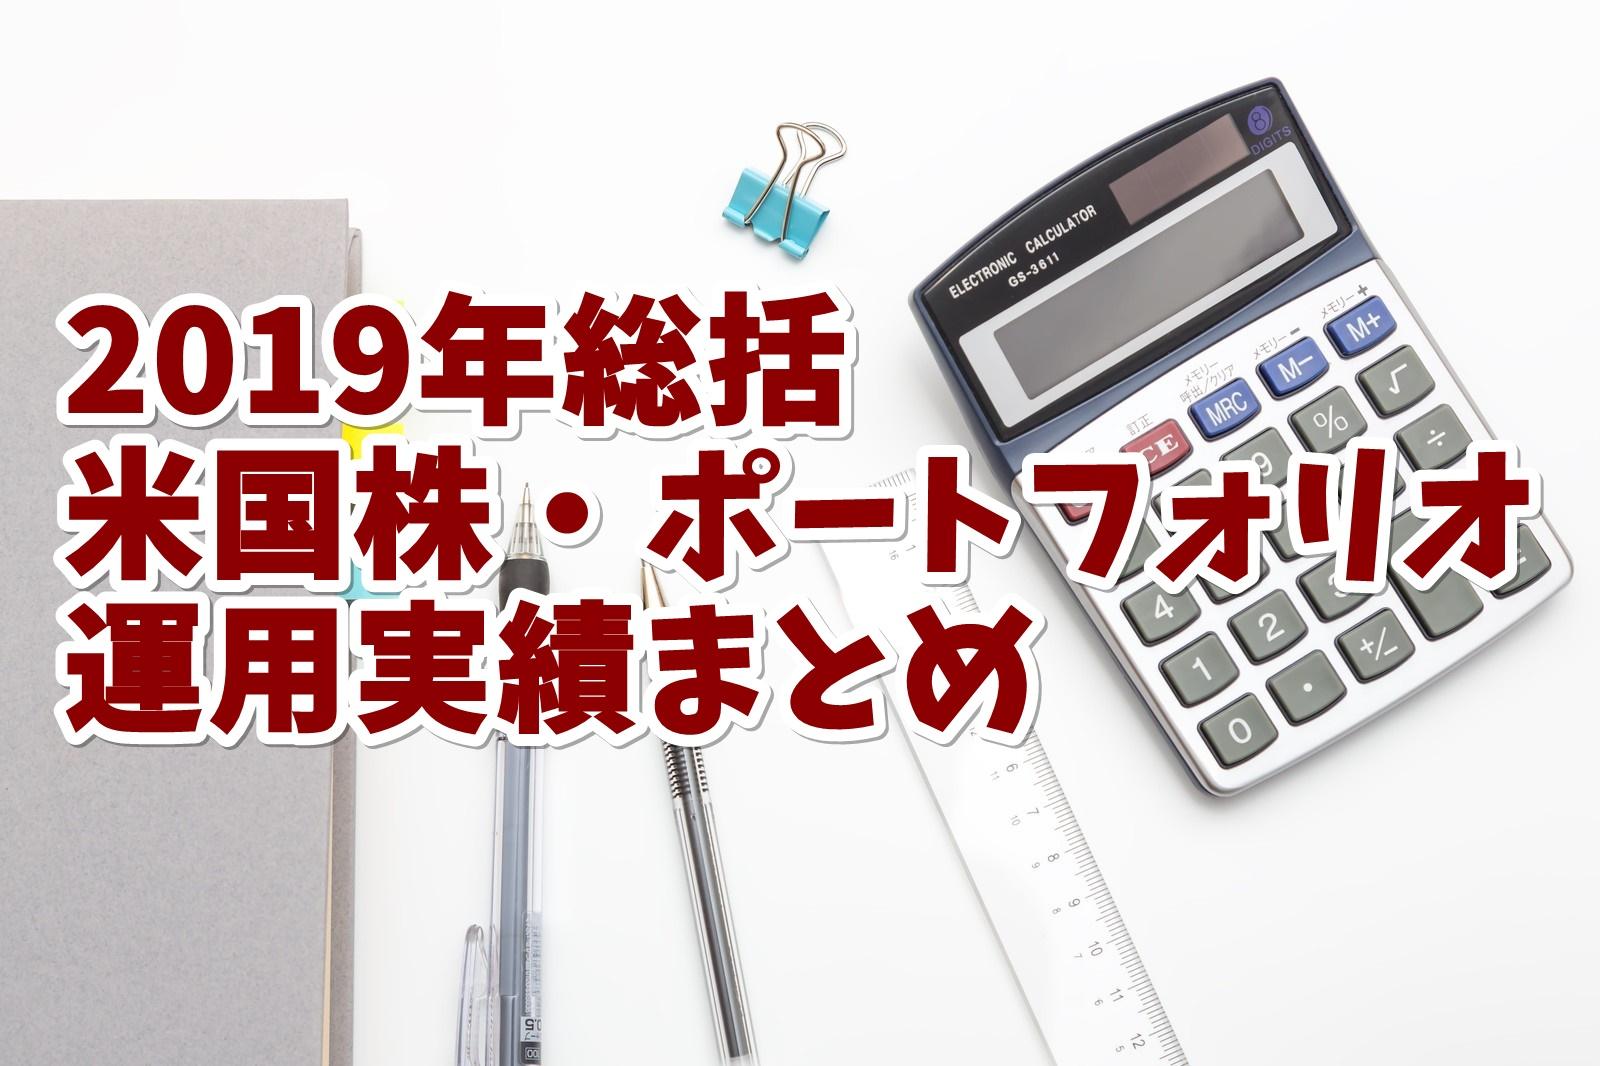 【米国株】2019年運用実績とポートフォリオ